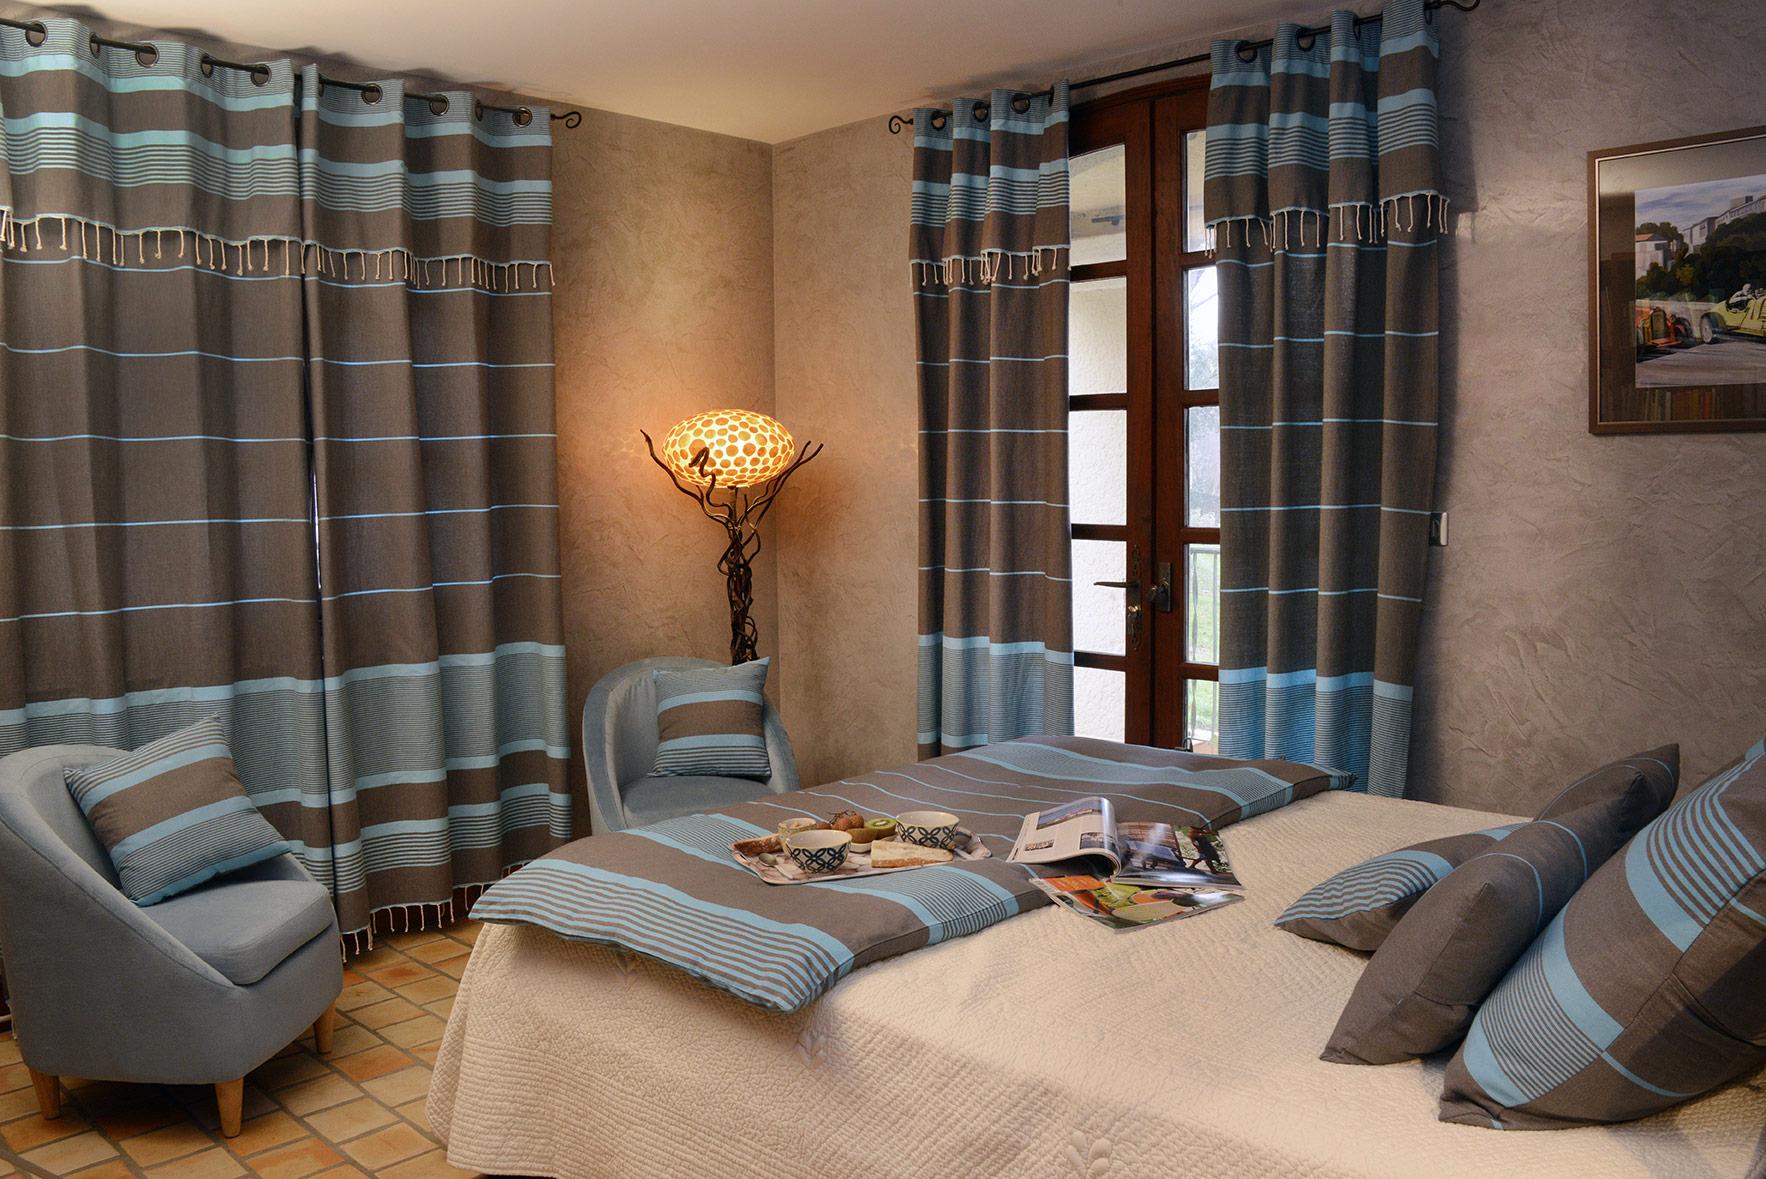 CARTHAGE - Rideau ajustable coton anthracite turquoise 140 x 210 à 240